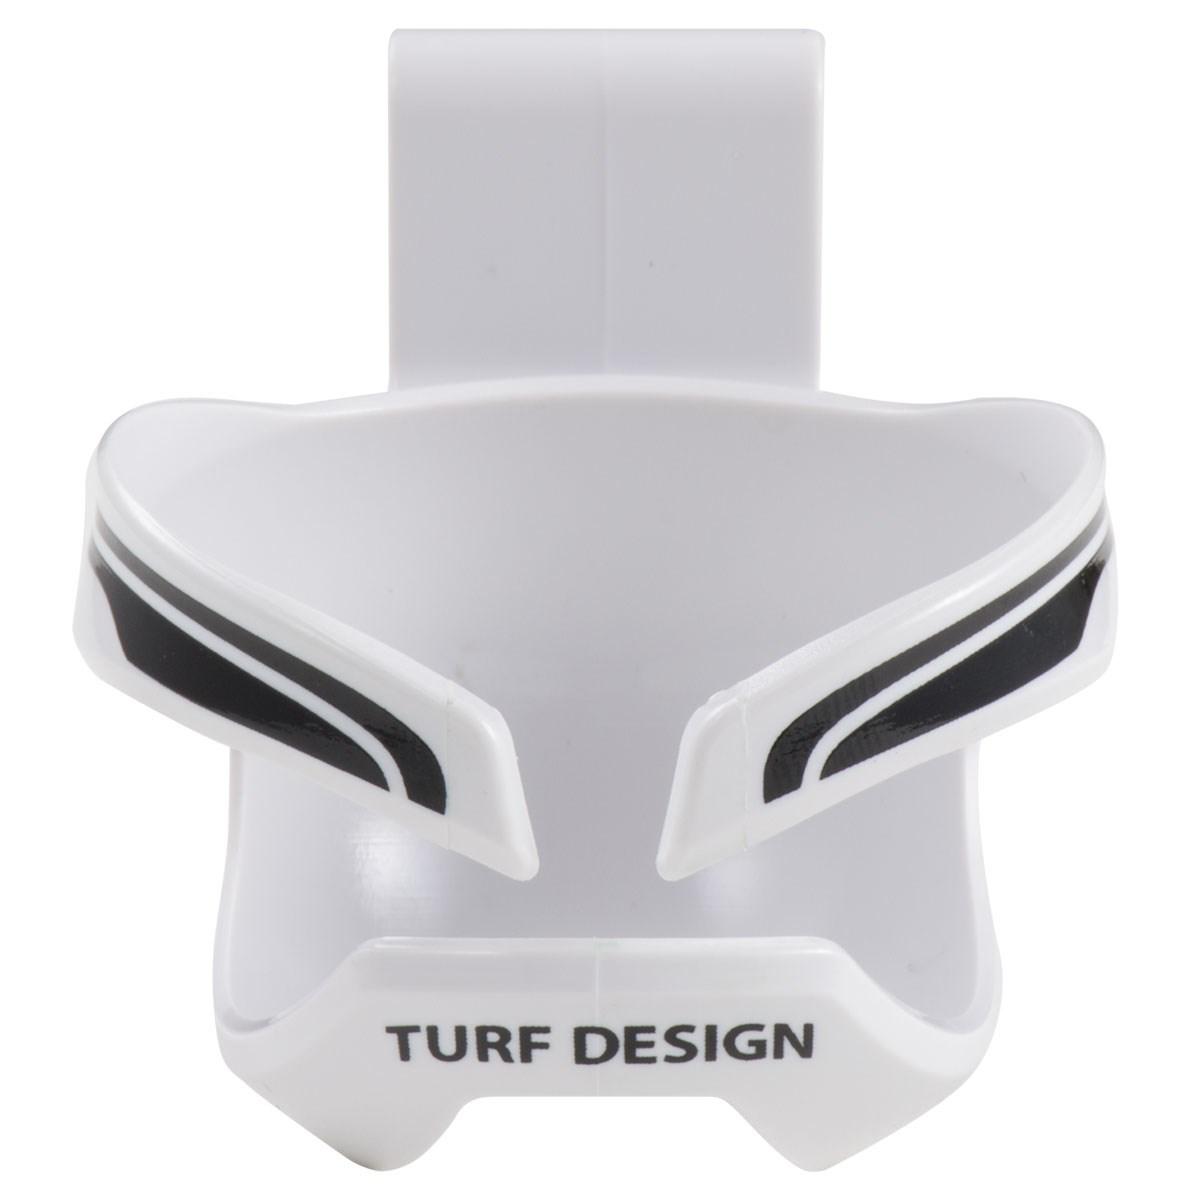 ターフデザイン TURF DESIGN ボールクロー ホワイト/ブラック